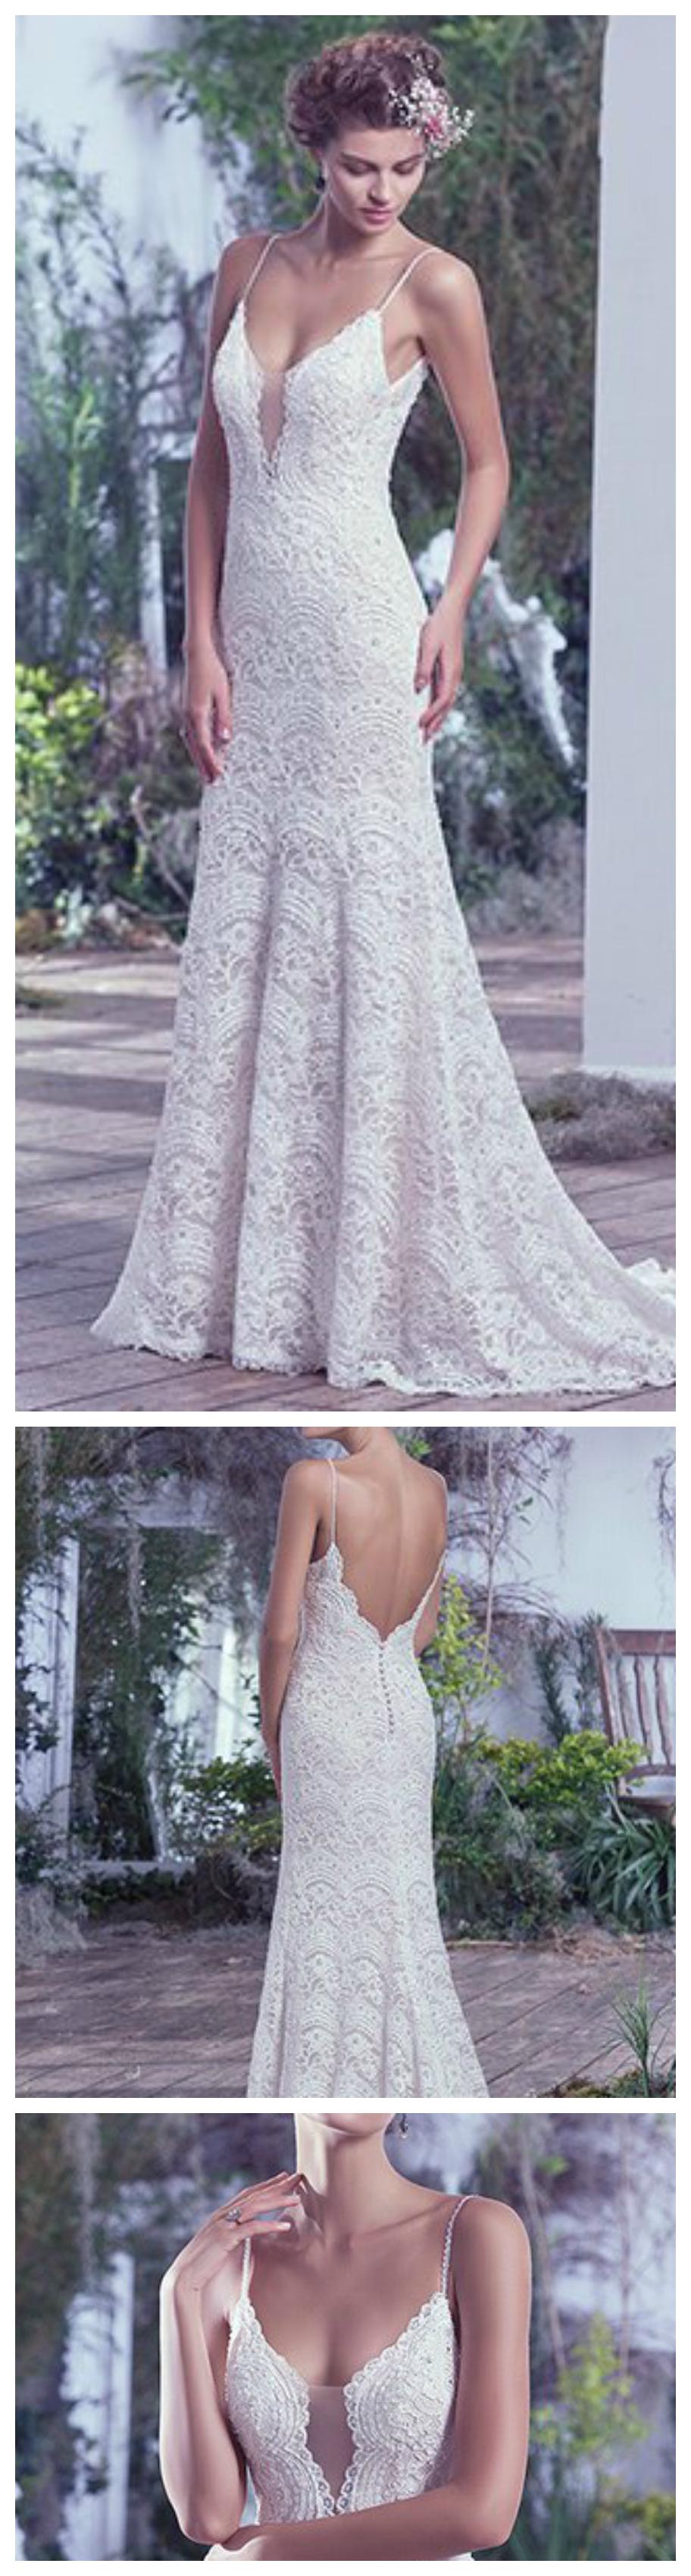 Elegant Plus Size Wedding Dresses Kalamazoo Mi   Wedding